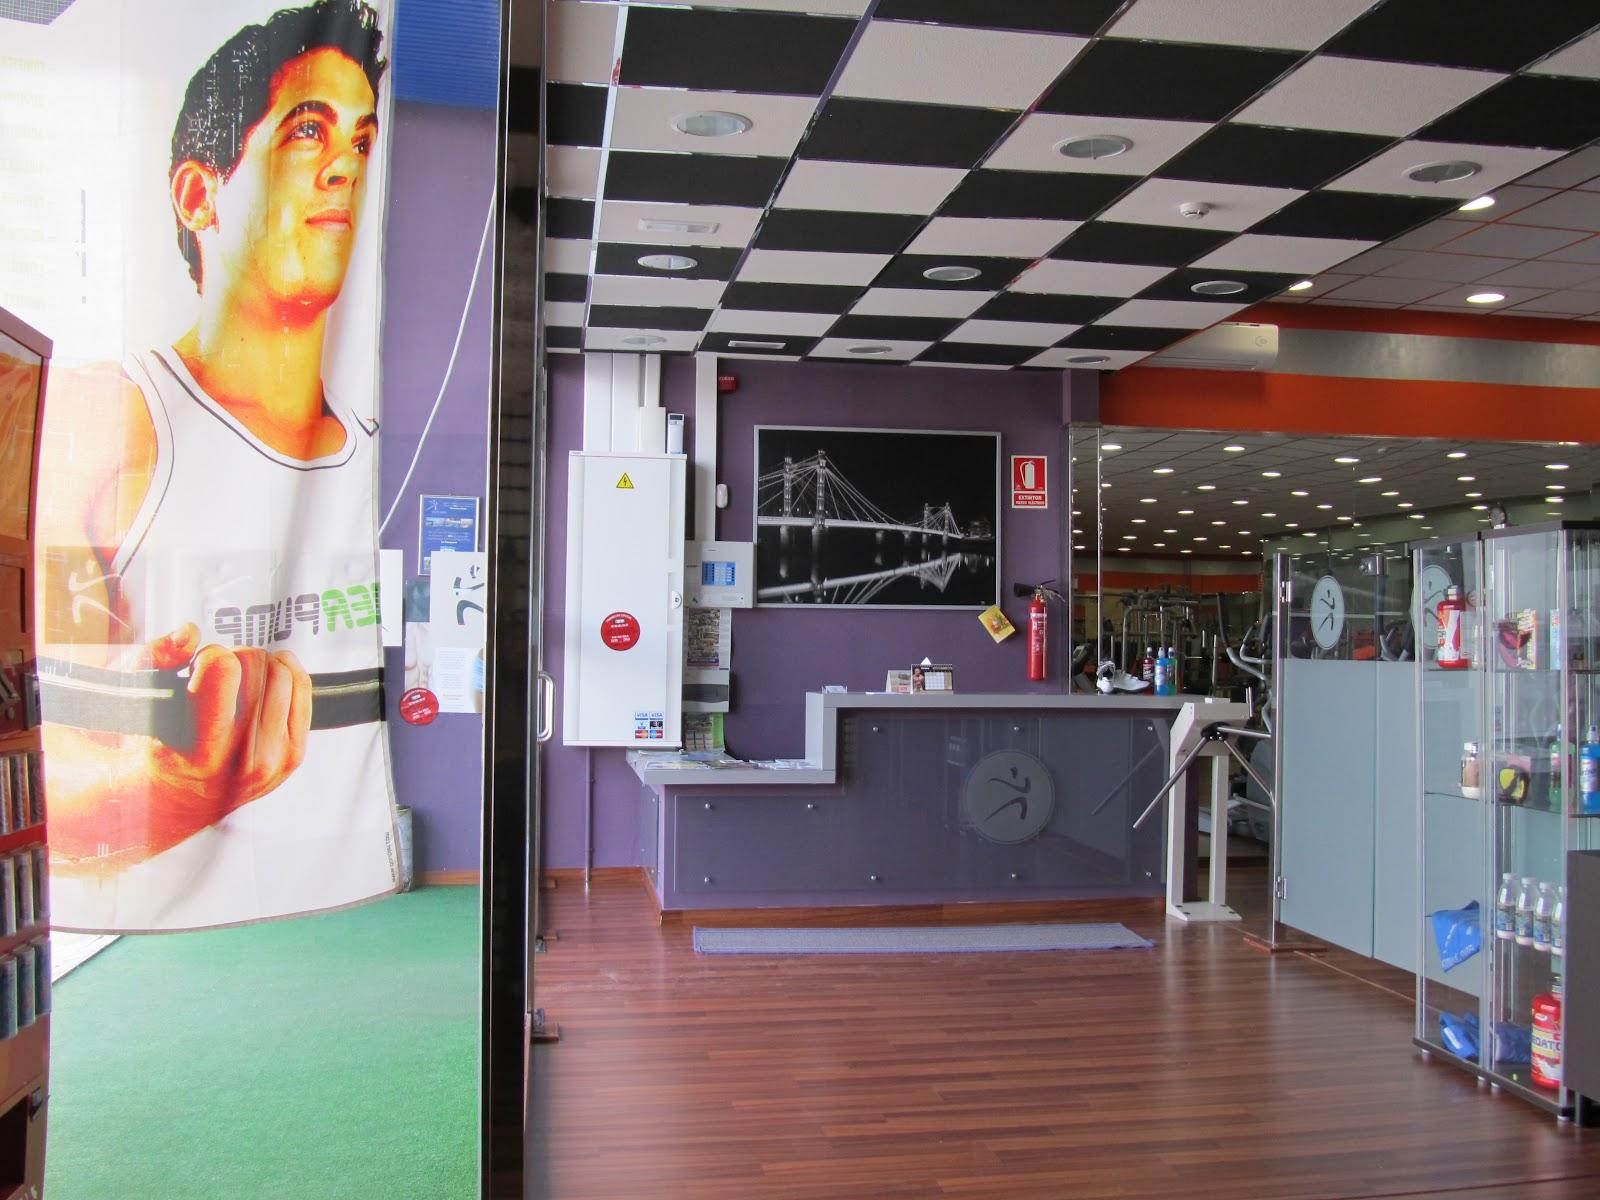 Dise ador de interiores antonio ternero martin gimnasio - Disenador de interiores trabajo ...